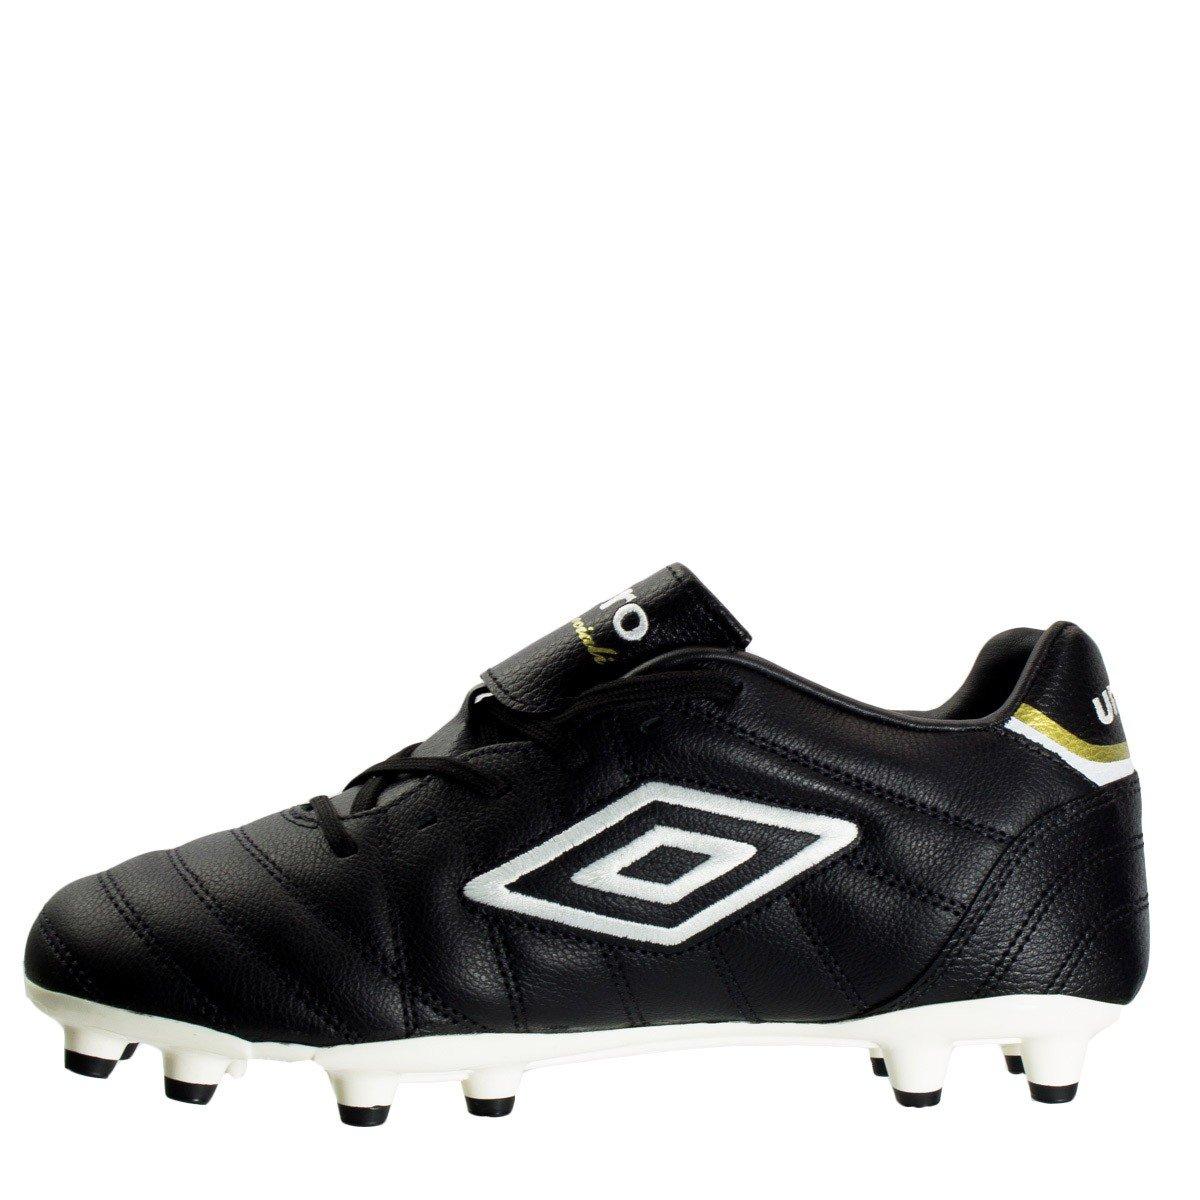 Chuteira Futebol de Campo Umbro Speciali Premier 0f70047 - Compre ... 9e09901c37752